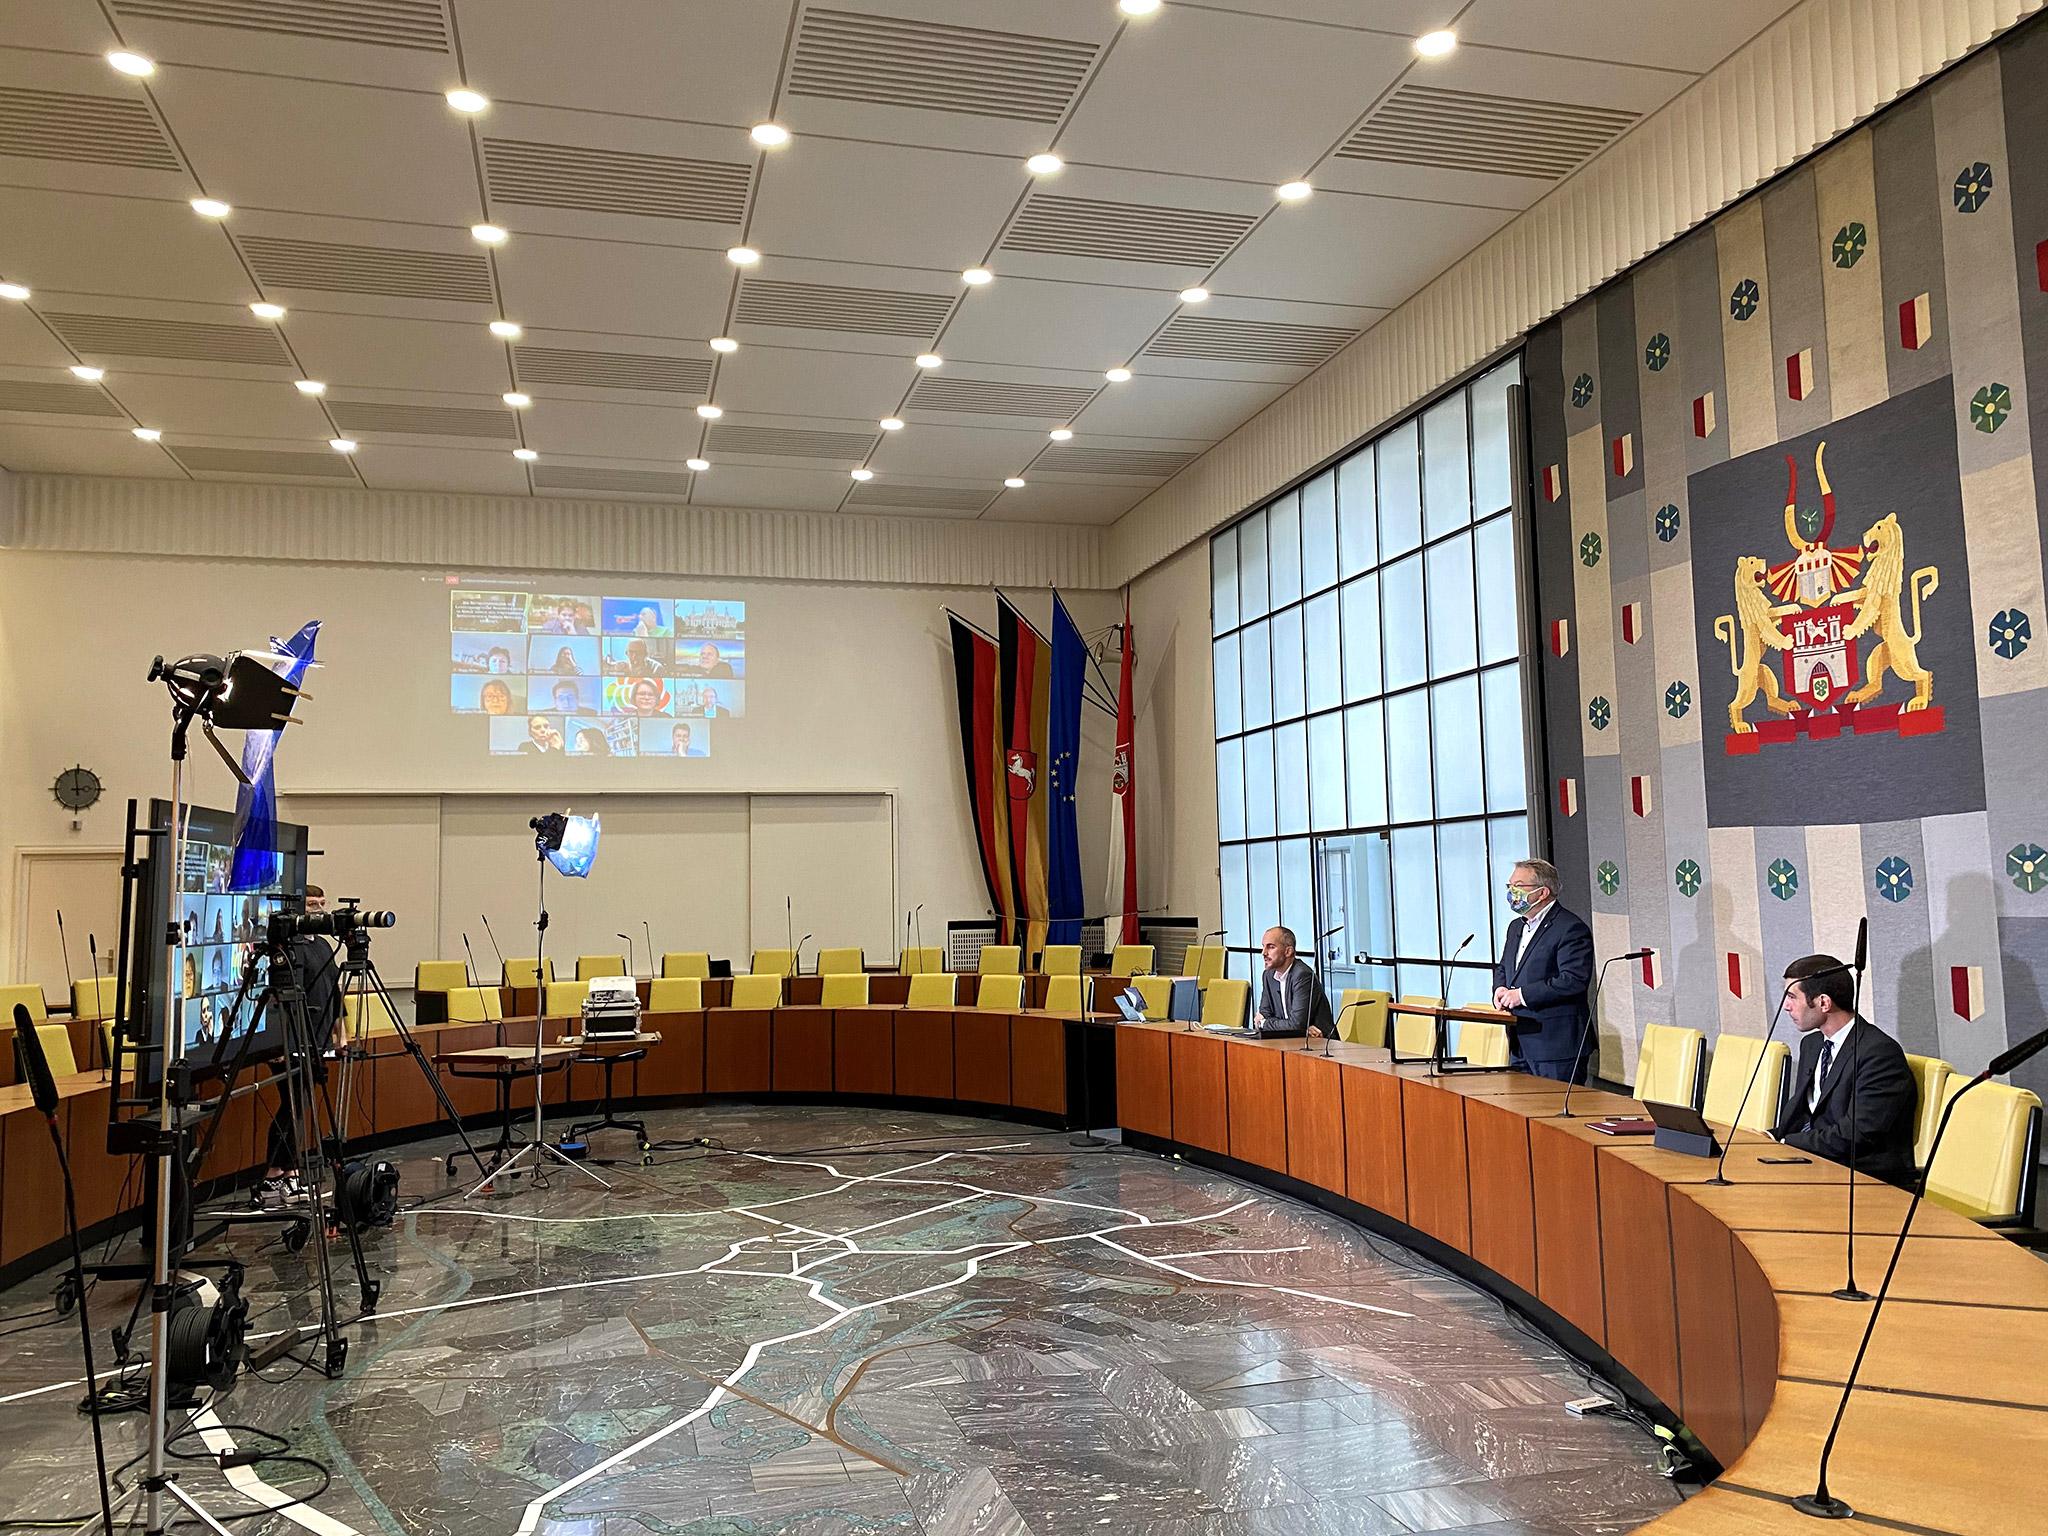 Ein Plenarsaal mit Videotechnik, am rechten Rand drei Personen.